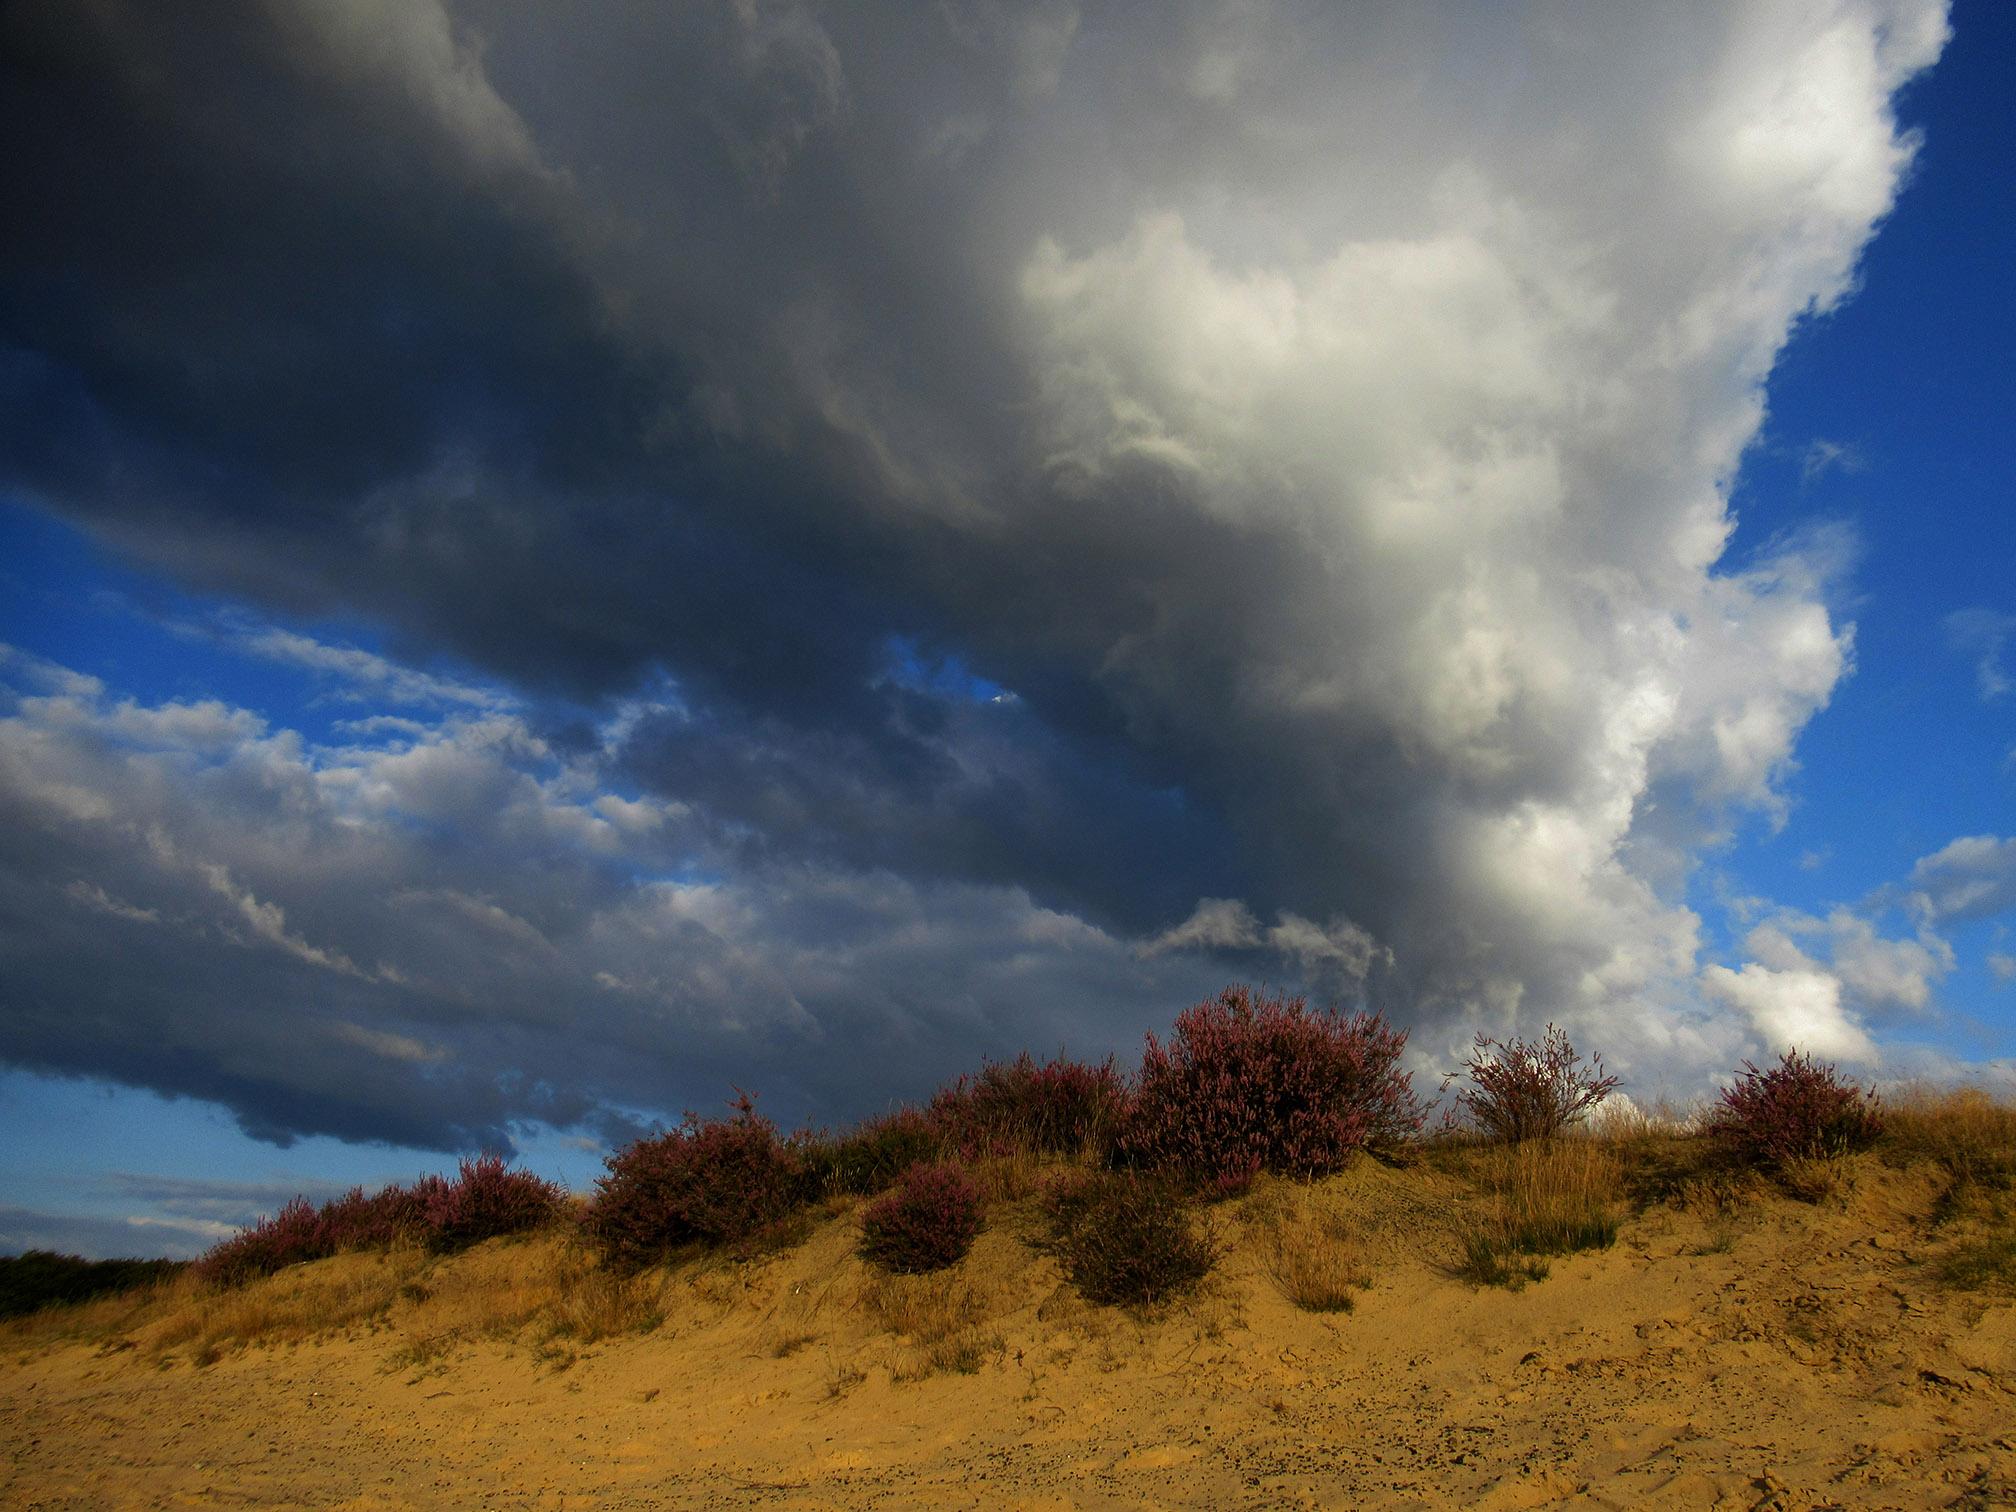 De Veluwe is nu op haar mooist, bloeiende heide op een zandheuvel, met een prachtige wolkenlucht als decor! De foto vanuit een zeer laag standpunt gemaakt. Zo bijzonder is dit, het leek wel een vulkaanuitbarsting van wolken boven de heuvel in het stuifzand! - Foto: ©Louis Fraanje